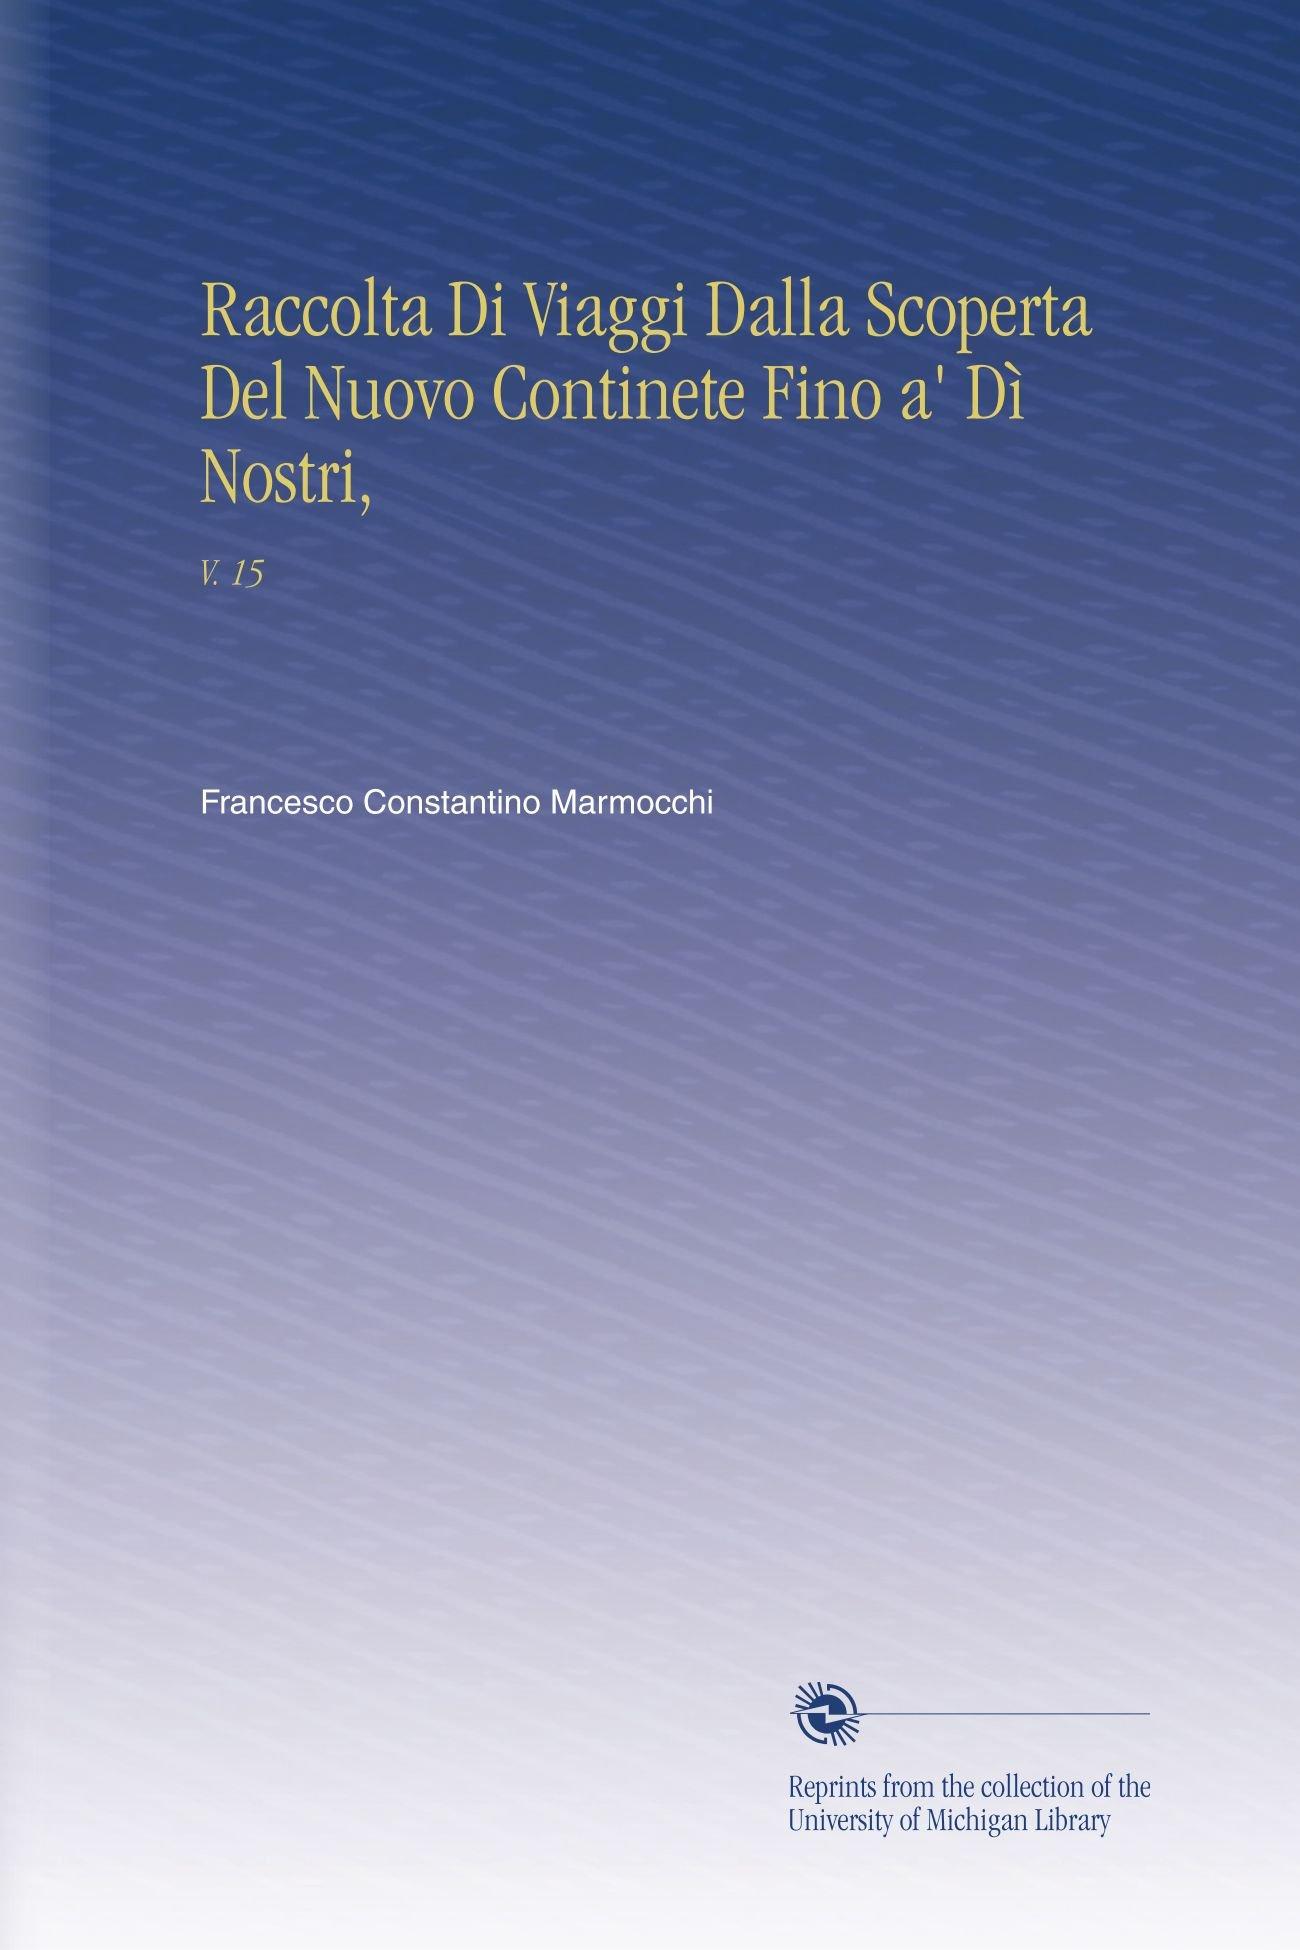 Raccolta Di Viaggi Dalla Scoperta Del Nuovo Continete Fino a' Dì Nostri,: V.  15 (Italian Edition) PDF